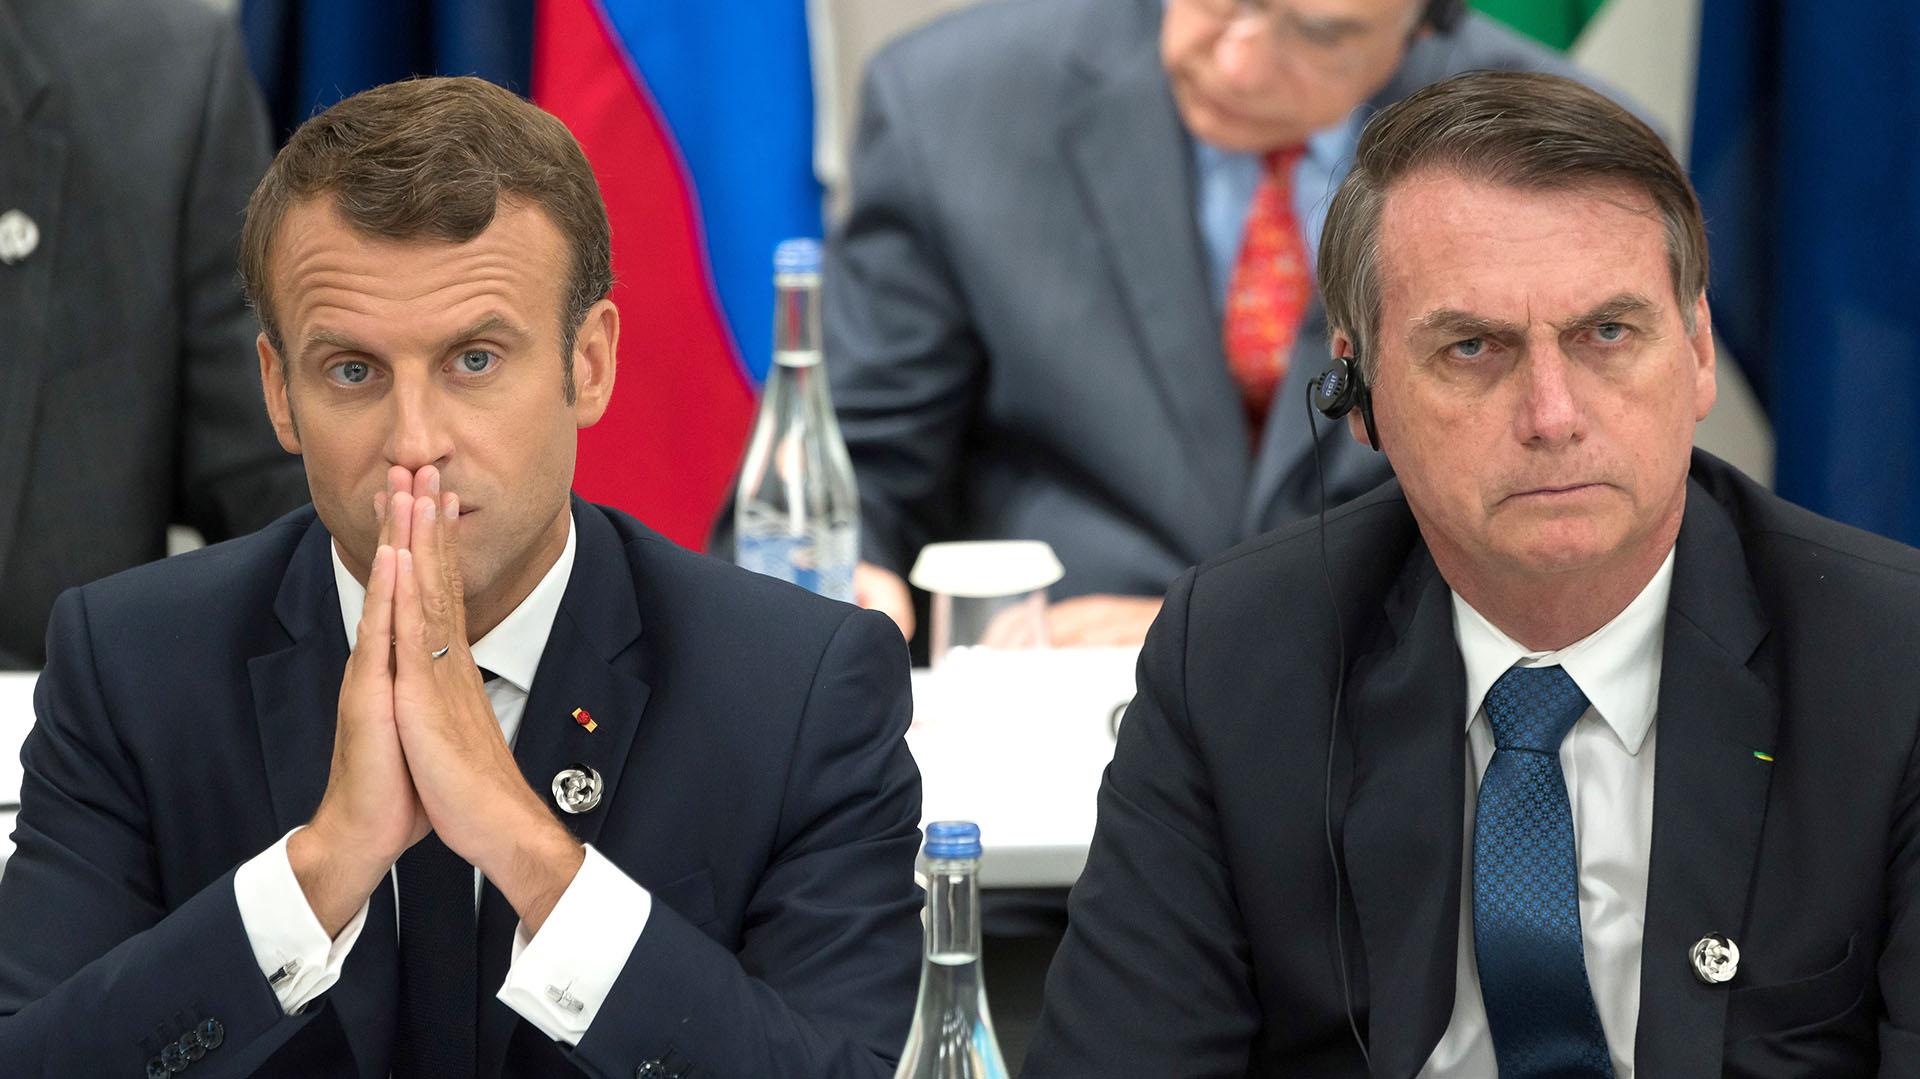 La Reaccion De Emmanuel Macron Tras La Burla De Jair Bolsonaro A Su Esposa Infobae